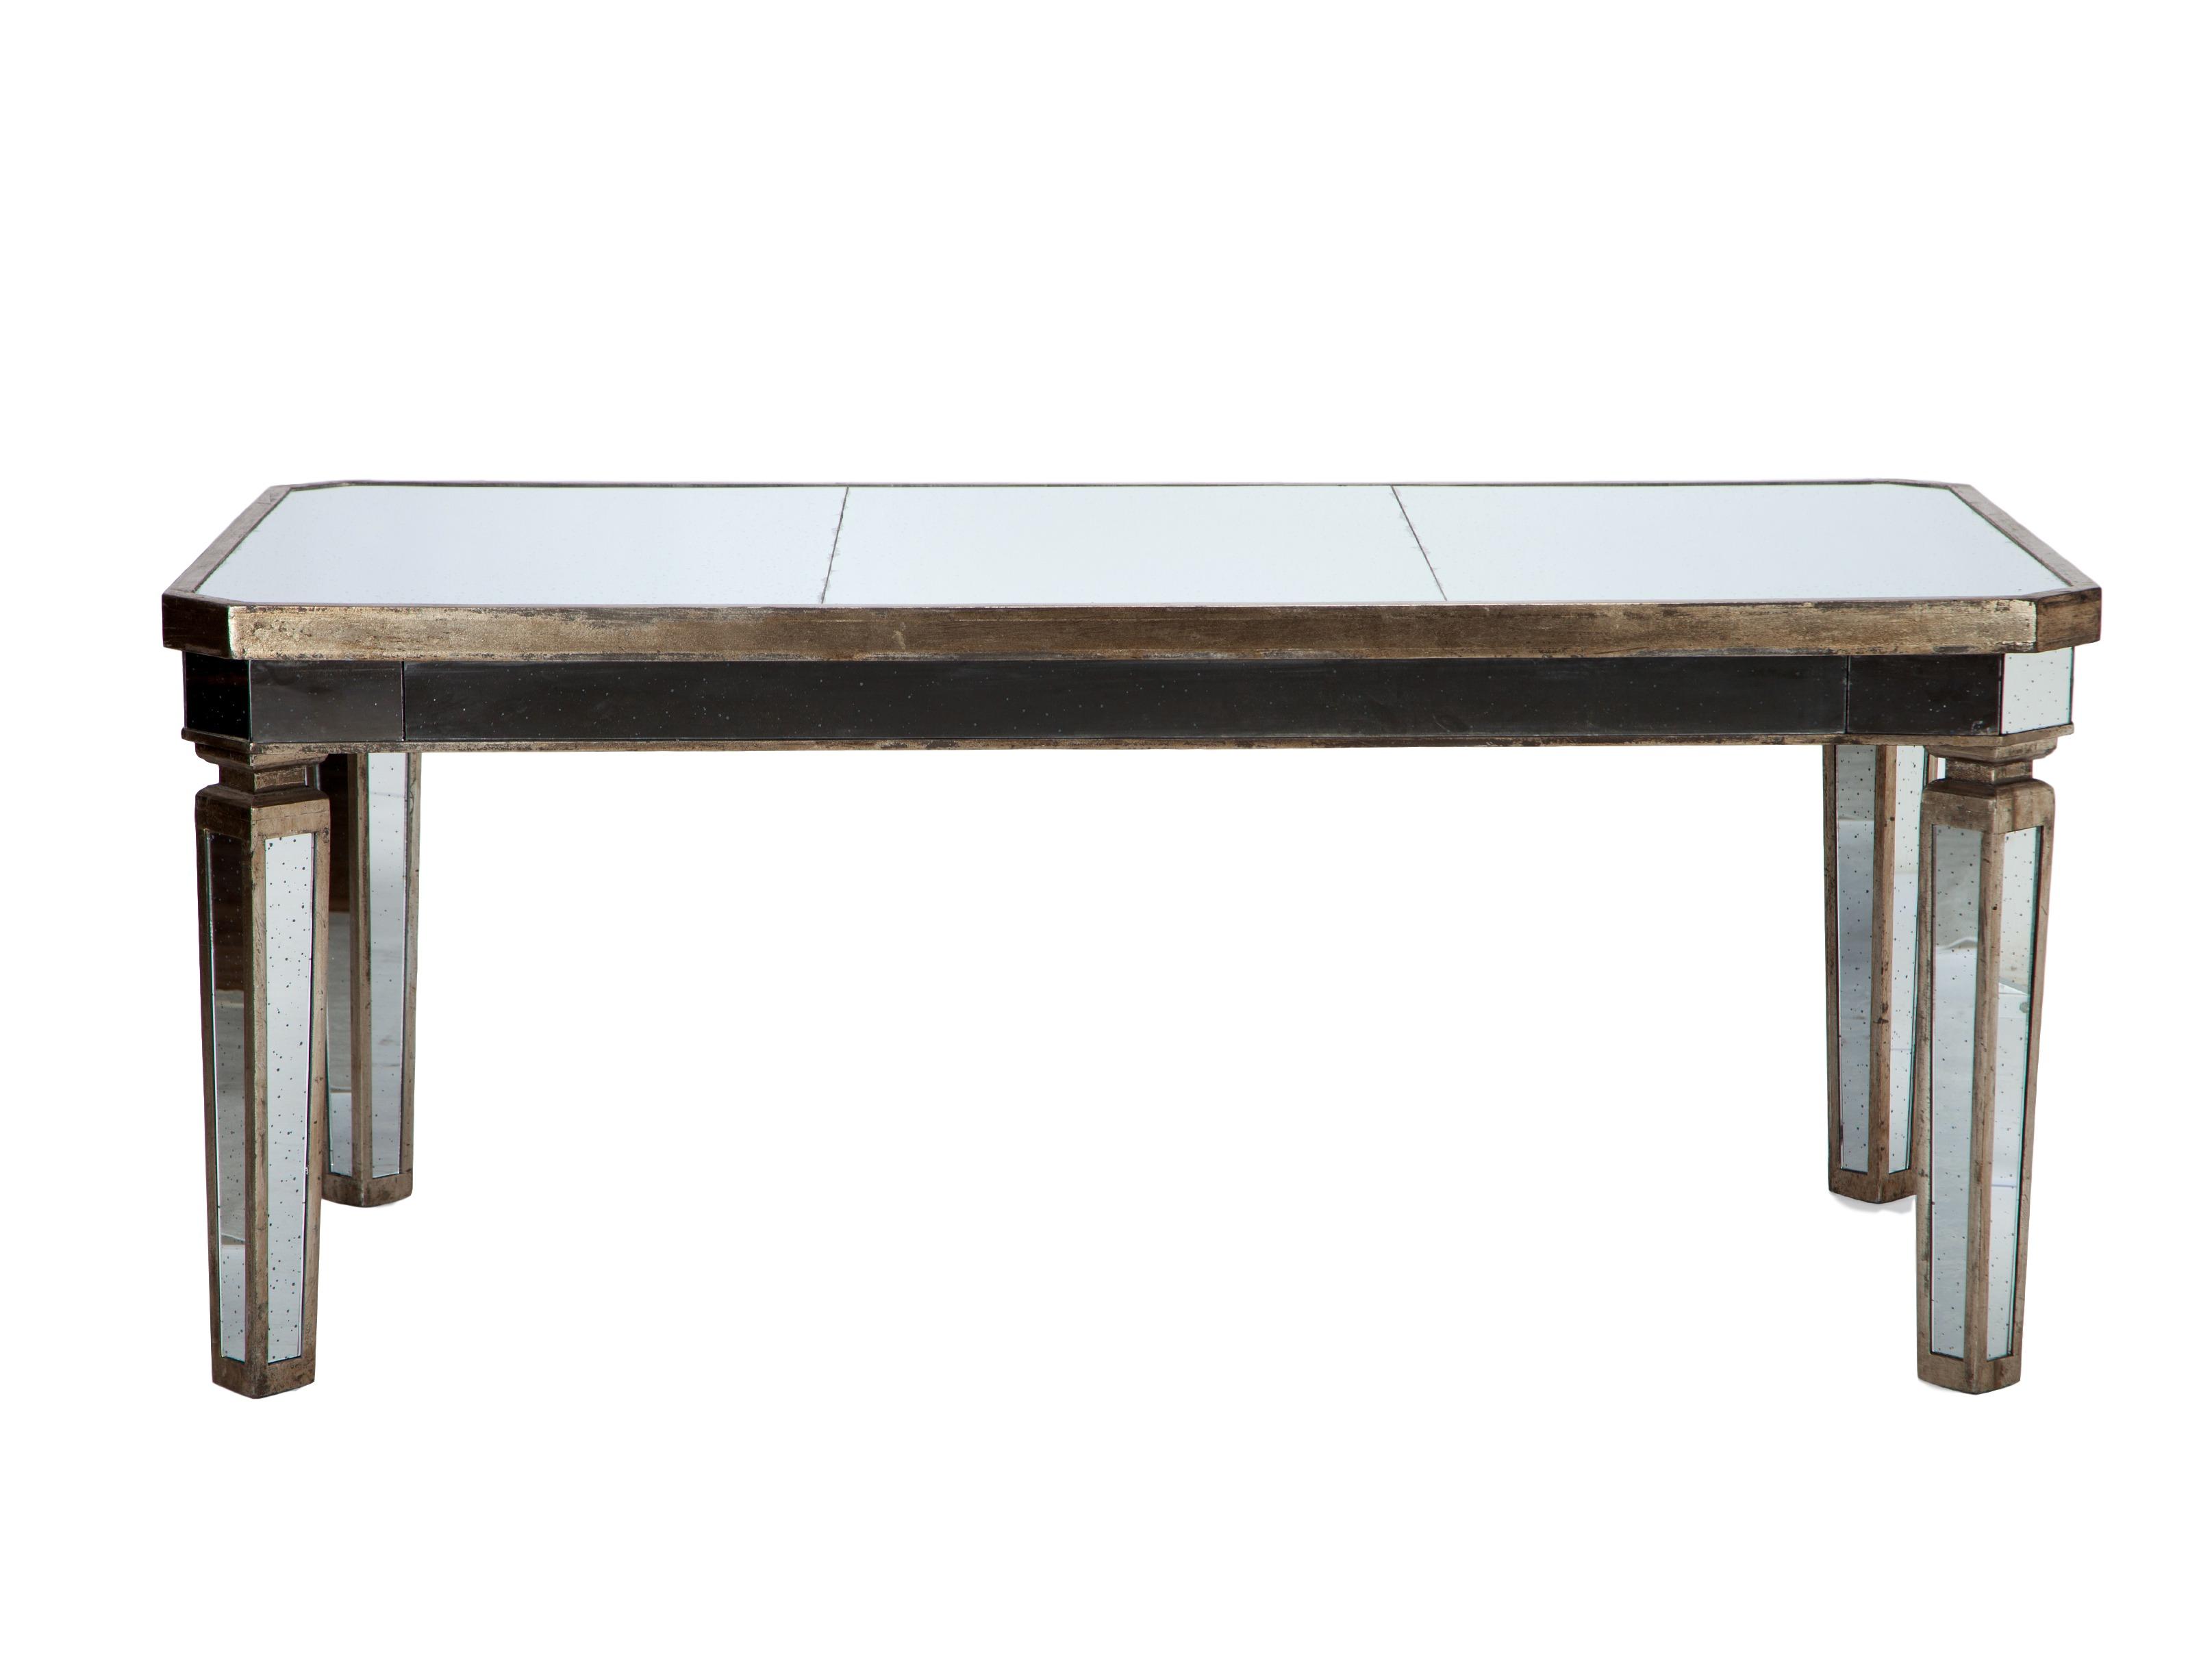 Стол зеркальныйОбеденные столы<br>Стол обеденный прямоугольный из состаренного зеркального стекла, украшен патиной и старением.&amp;lt;div&amp;gt;&amp;lt;br&amp;gt;&amp;lt;/div&amp;gt;&amp;lt;div&amp;gt;Материал: зеркальное стекло&amp;lt;br&amp;gt;&amp;lt;/div&amp;gt;<br><br>Material: Стекло<br>Length см: None<br>Width см: 182<br>Depth см: 102<br>Height см: 76